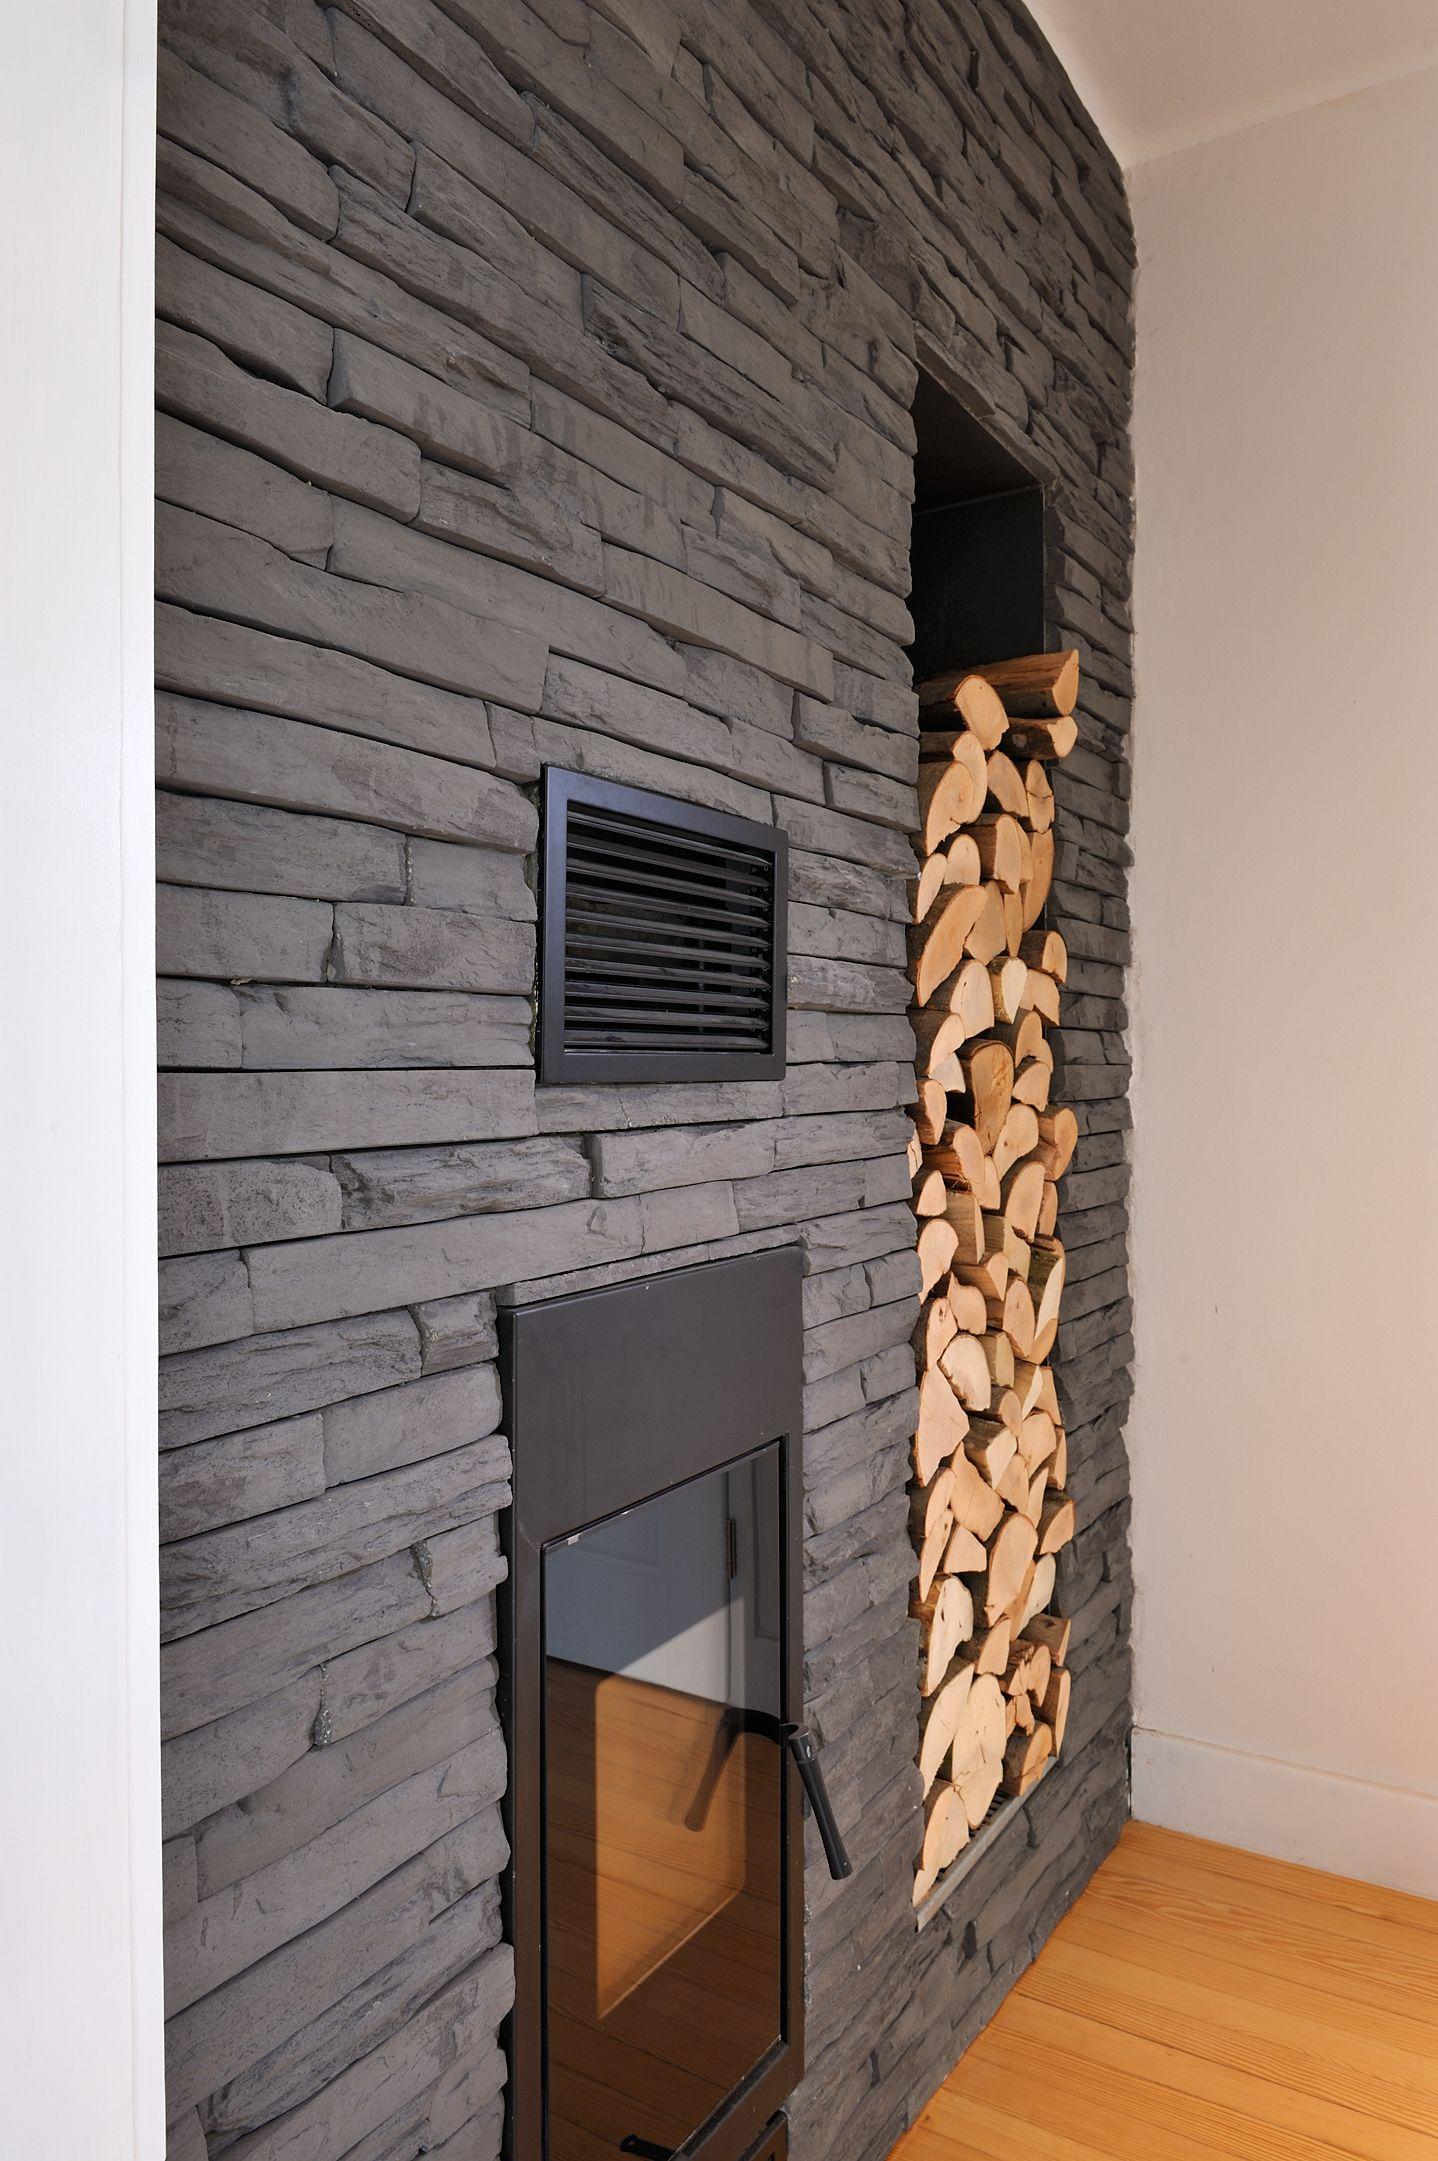 Auch für das Kaminzimmer eine schöne, saubere und elegante Lösung.